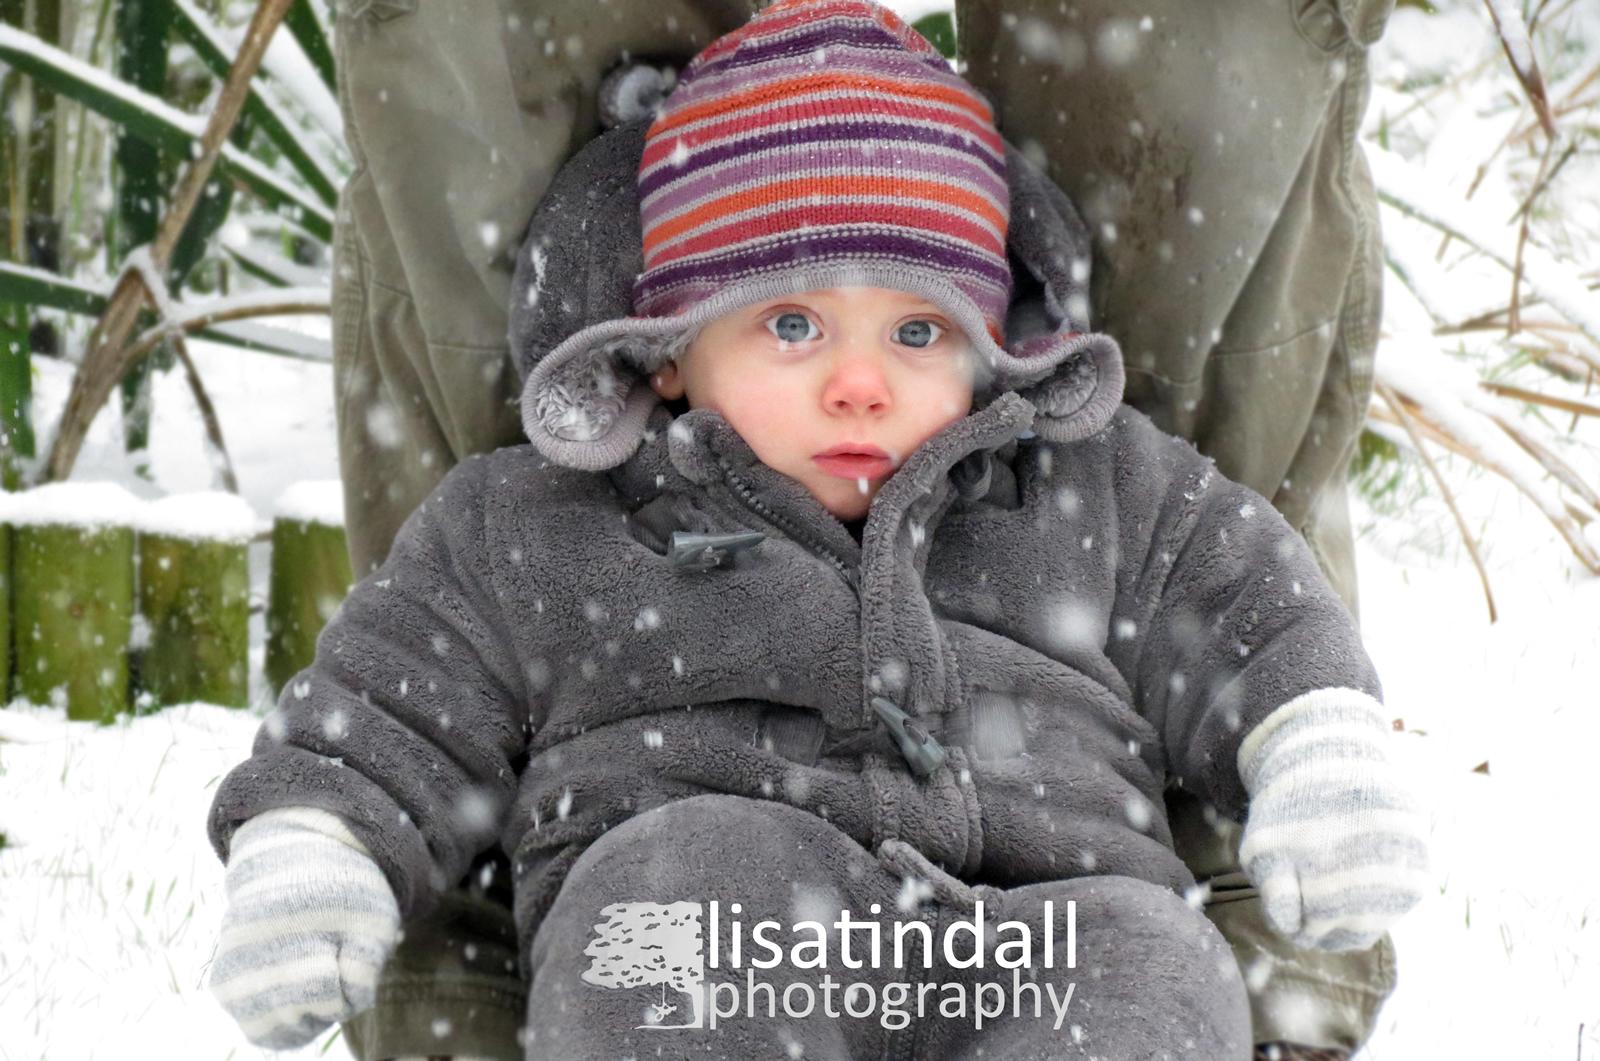 Lisa Tindall Photography